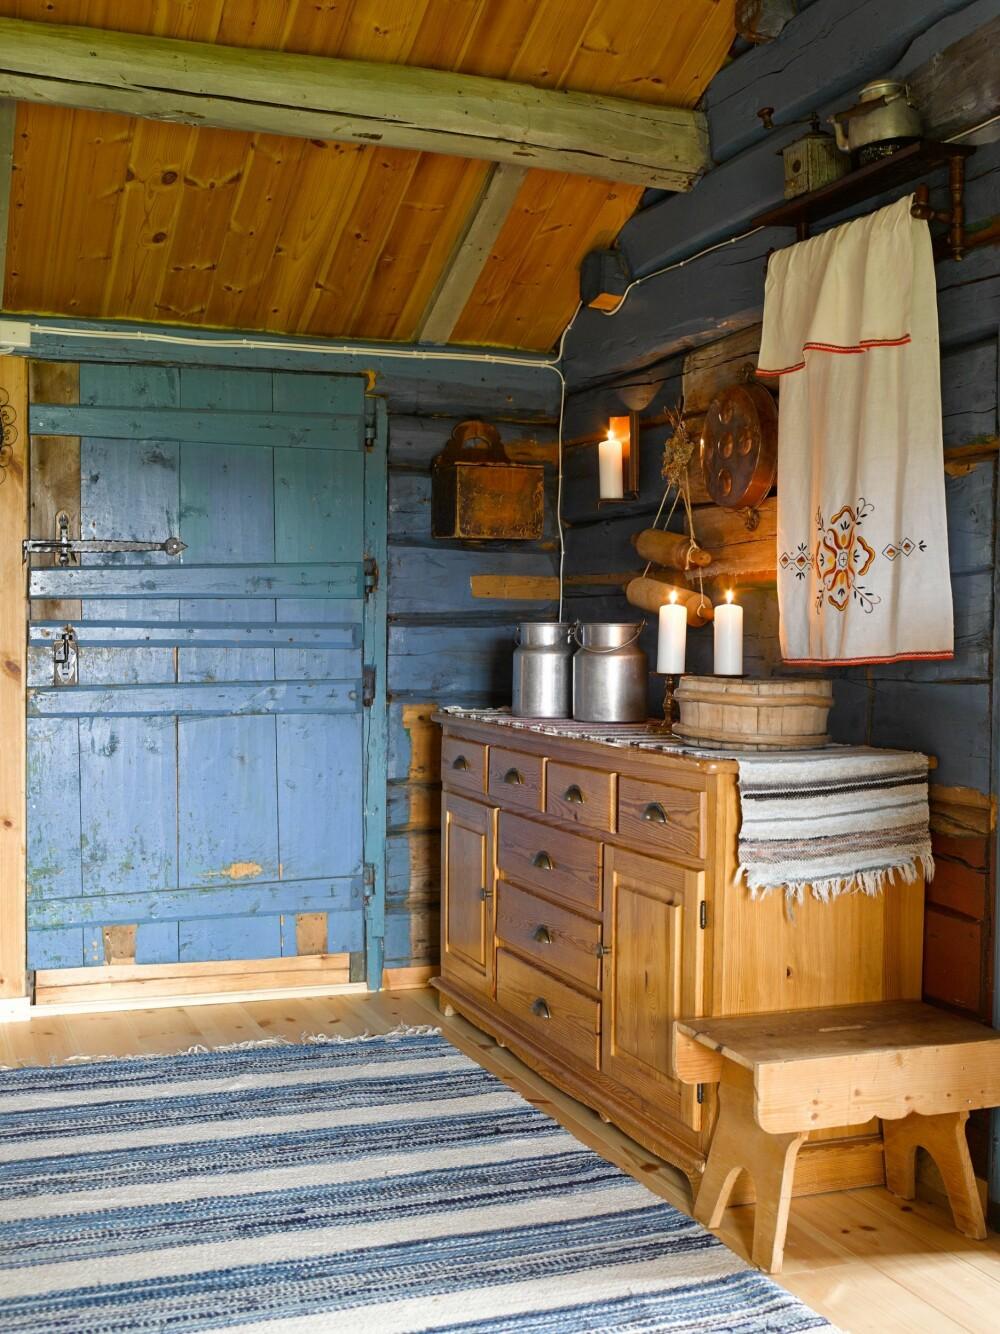 ORIGINALE VEGGER: Berit og Tom Santtu har klart å ta vare på den historiske atmosfæren ved å bevare de originale tømmerveggene og den gamle seterdøren.